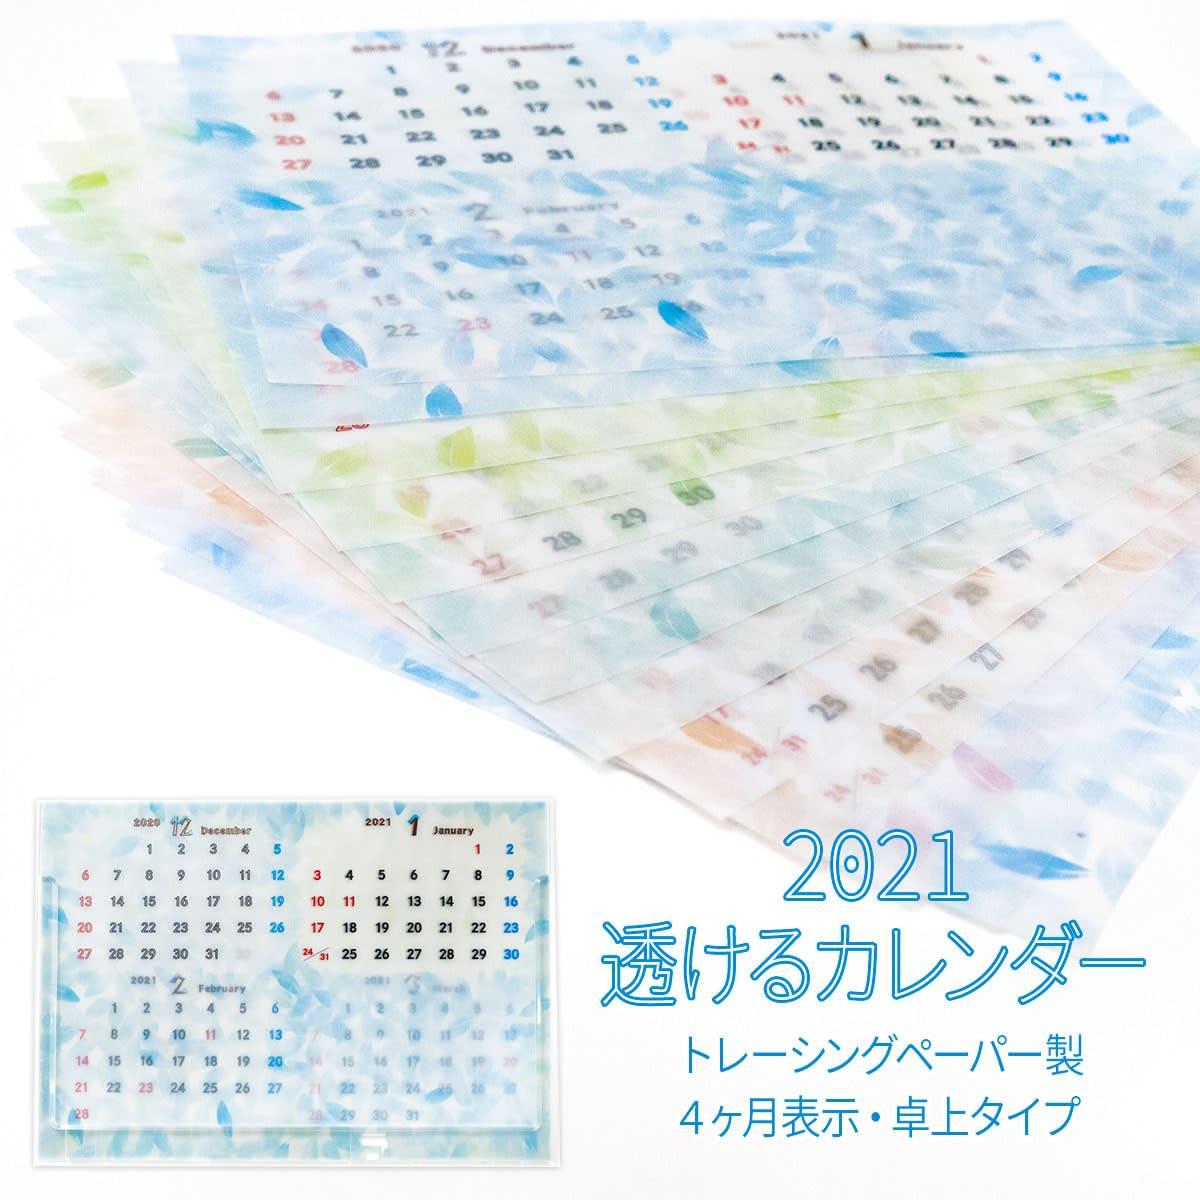 2021透けるカレンダー